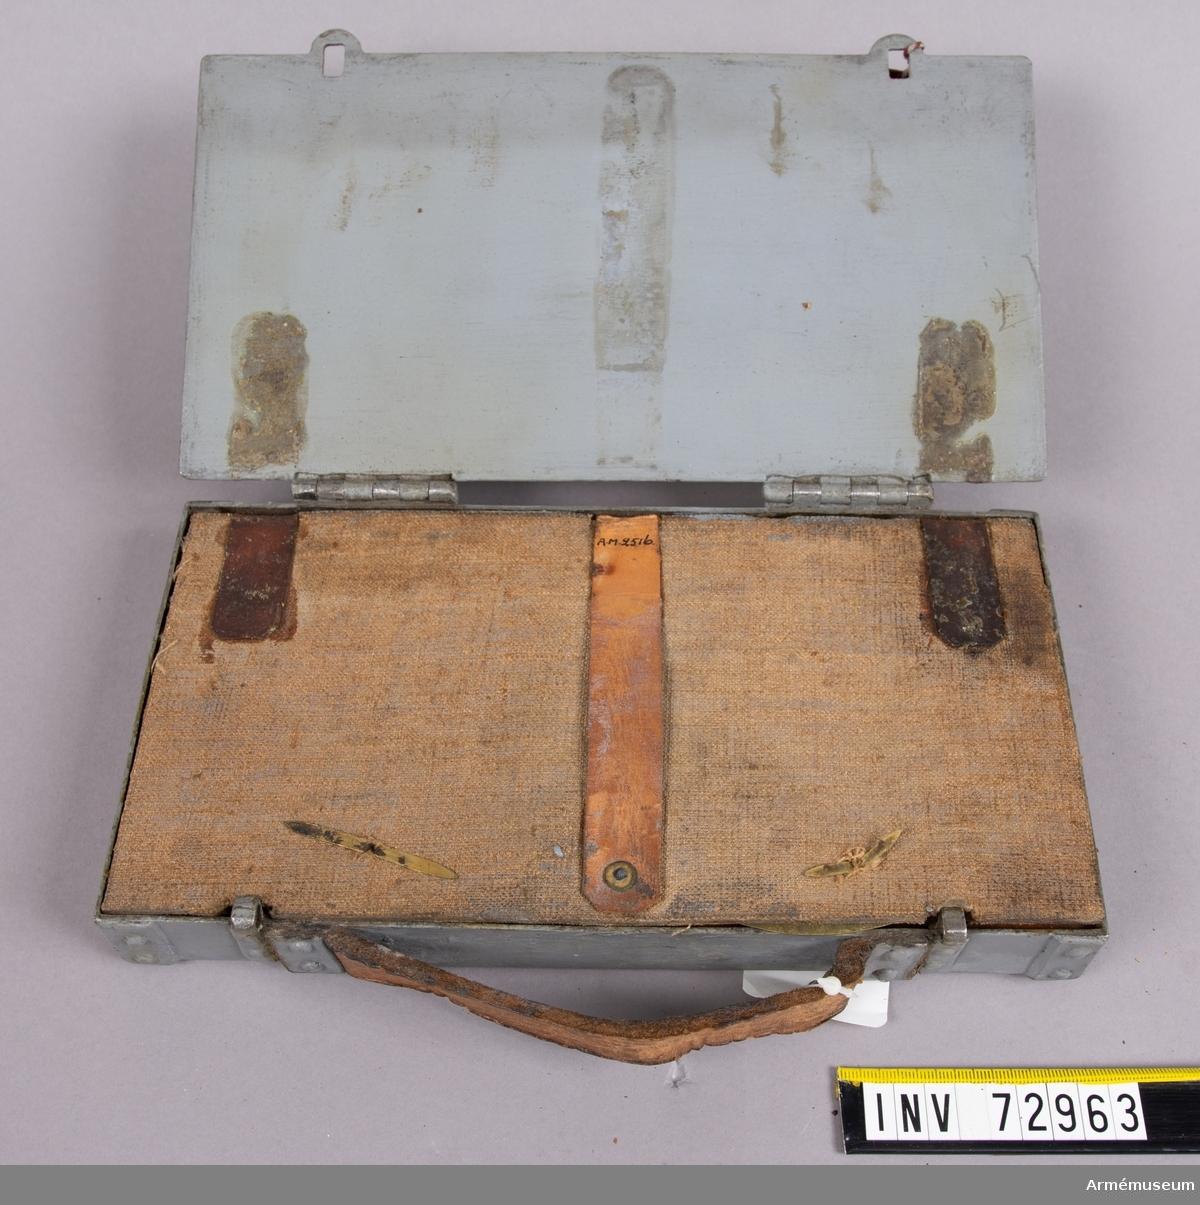 Grupp F:III.  Tätring, Broadwellring till 8,7 cm refflad bakladdningskanon av Krupp's modell 1876 med stötbotten och underläggskivor i låda. Samhörande: 2516:1 stötbotten. 2516:2-5. underläggsskivor av mässing, 2516:6 låda av järnplåt.